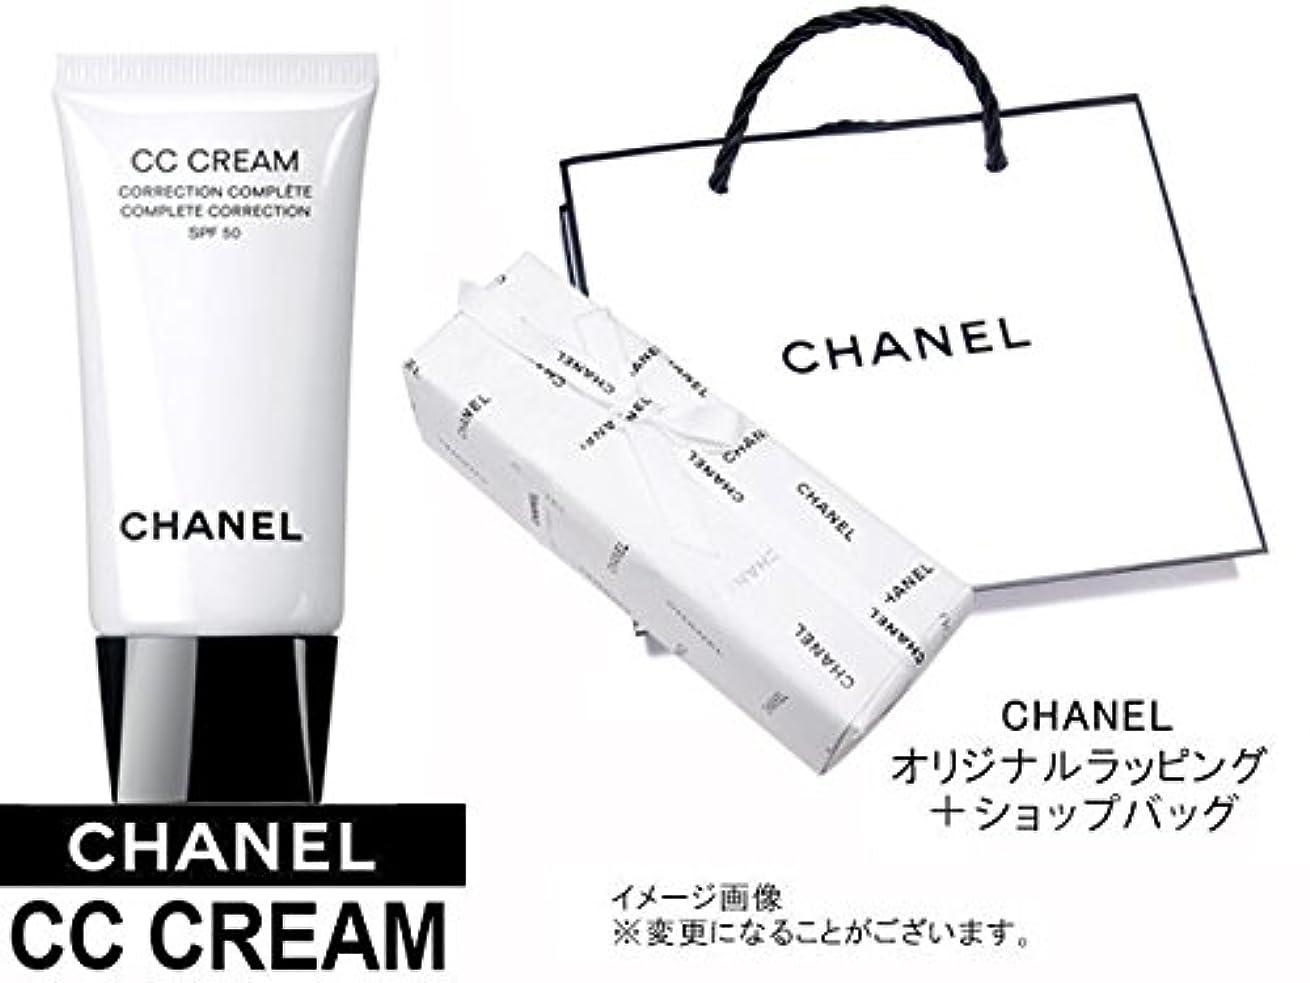 露パースブラックボロウサイトラインCHANEL CC CREAM シャネル CCクリーム SPF50?PA+++ 30ml オリジナルラッピング+ショップバッグ (並行輸入)